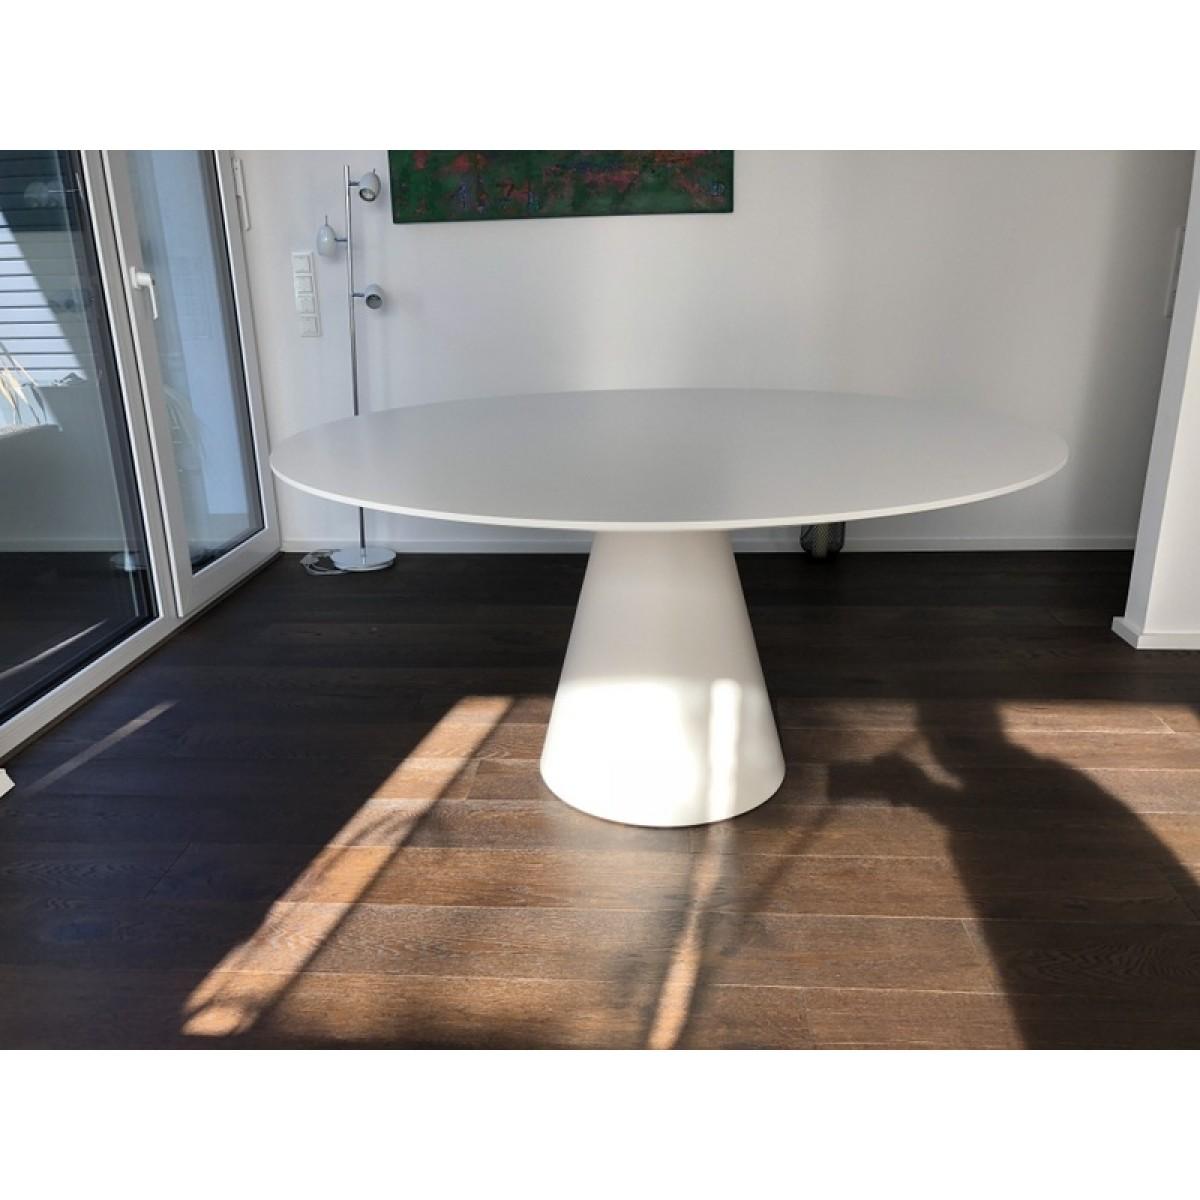 Tisch Rund Weiss Esstisch Weiss Rund Tisch Weiss Rund Durchmesser 160 Cm